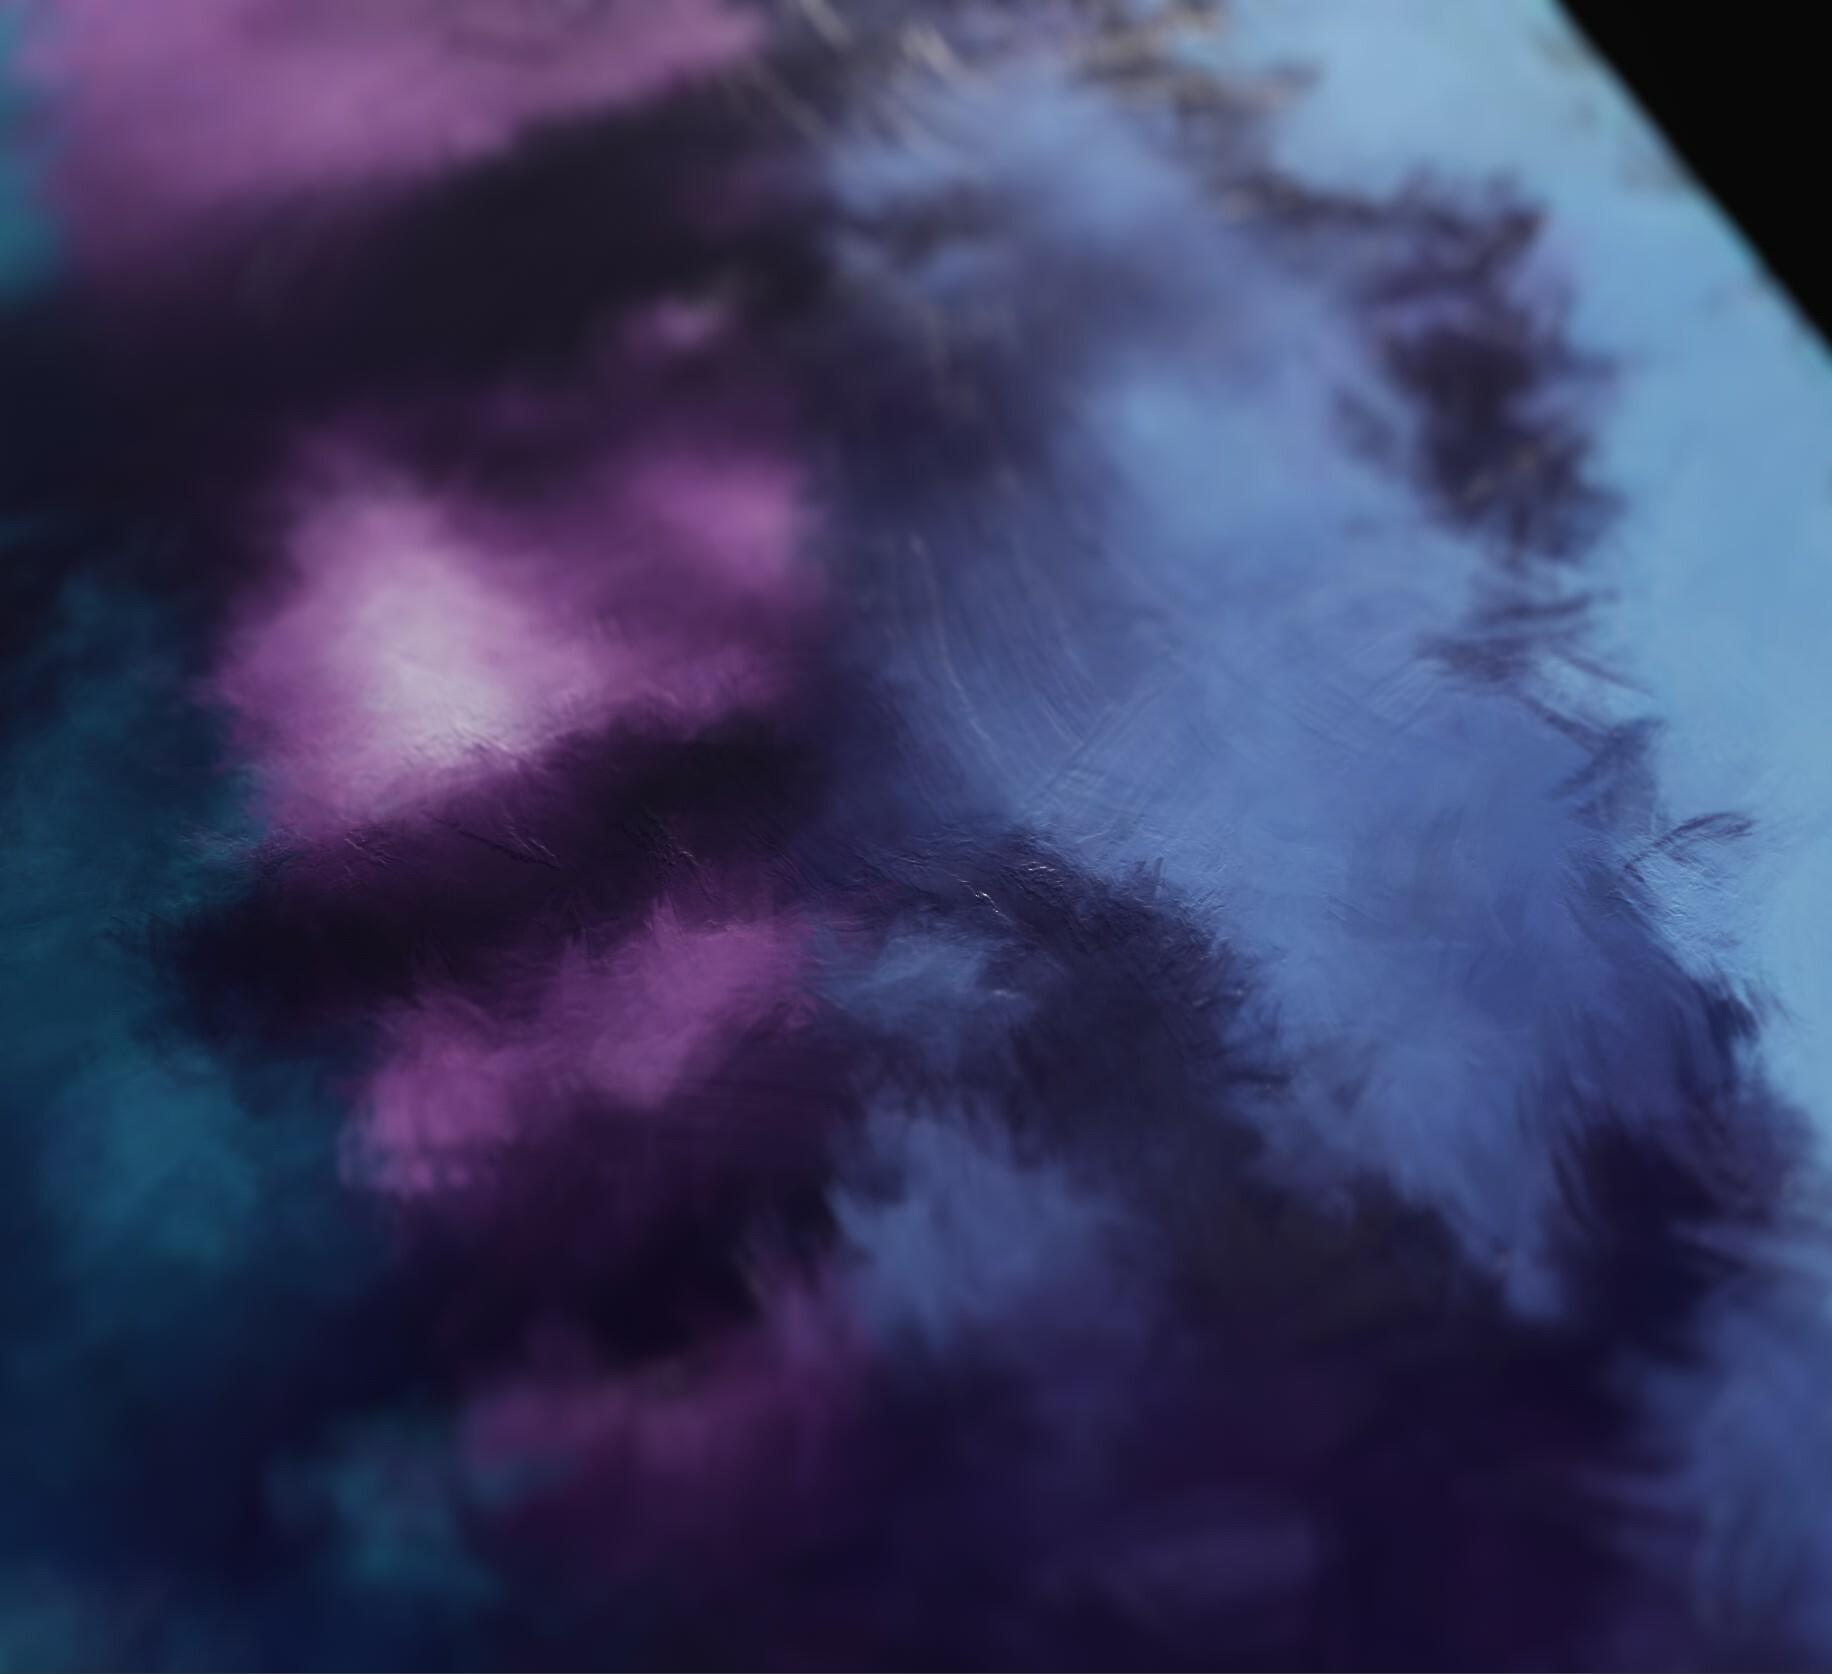 Marcelo souza moonlightb paintfx